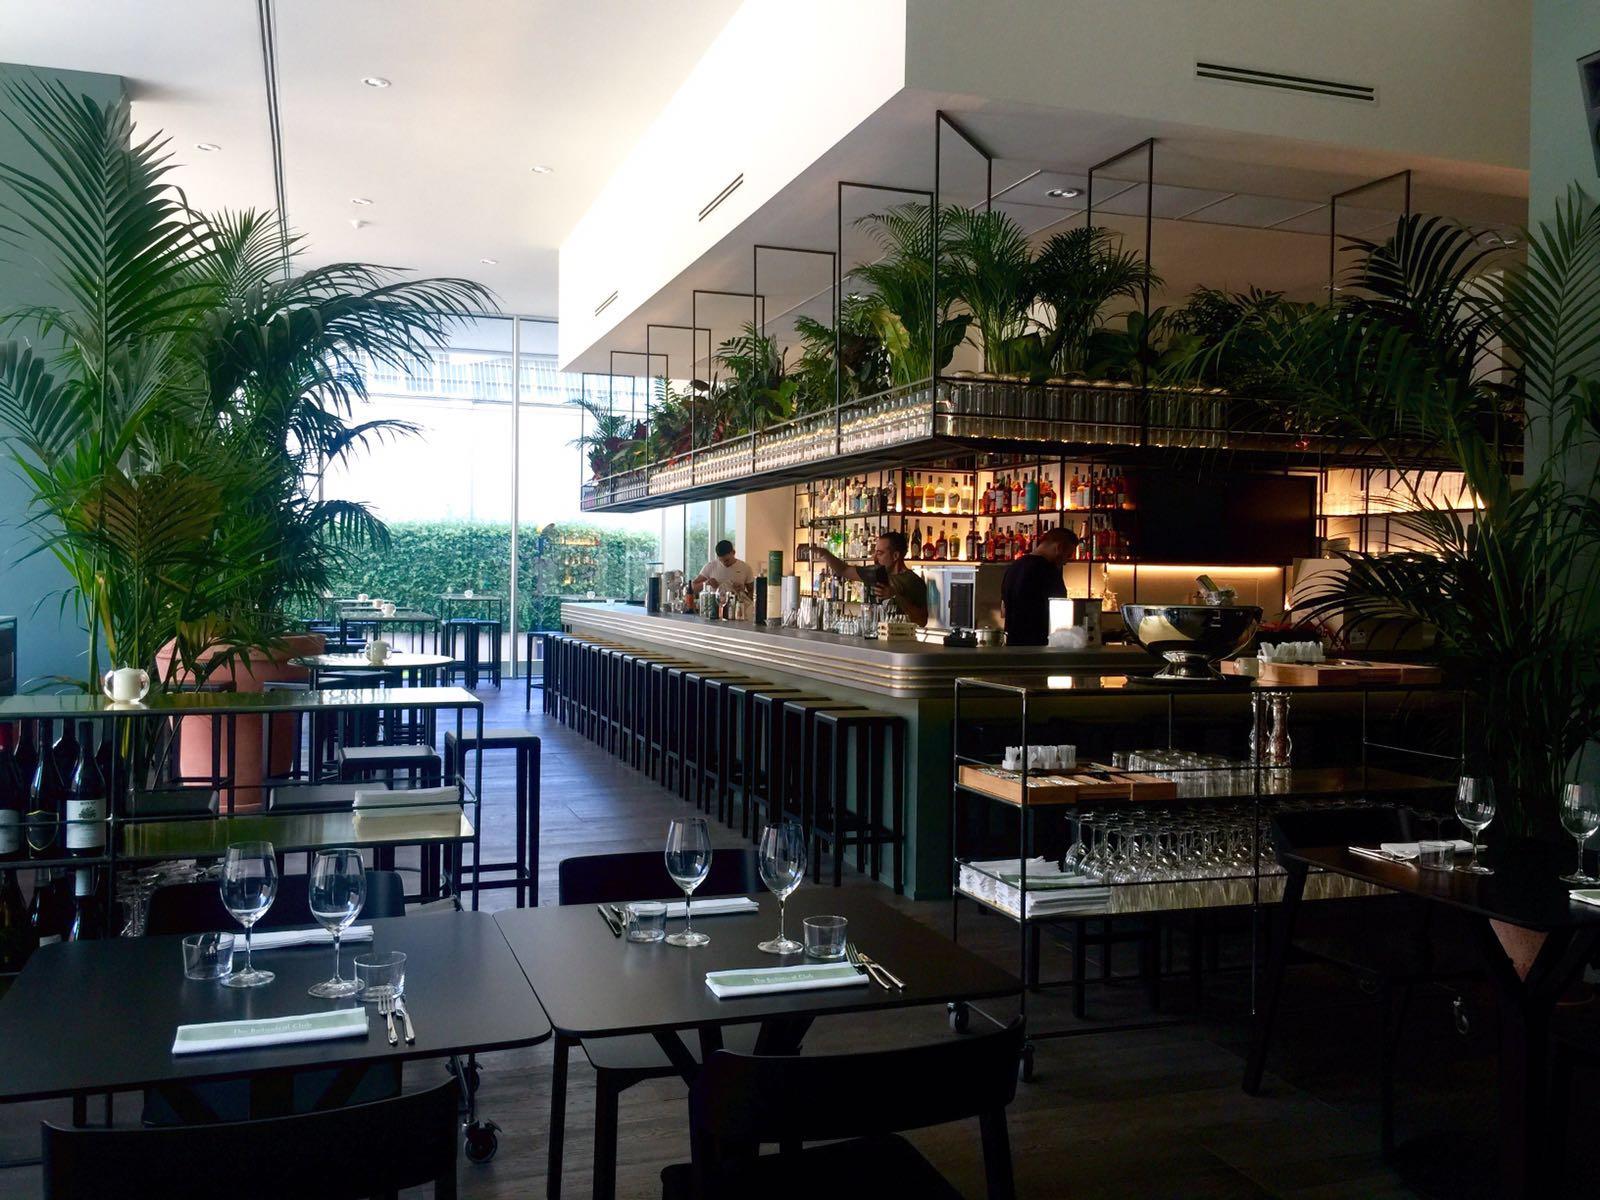 Nuovi locali a Milano: i migliori cocktail bar e ristoranti - Dove Viaggi